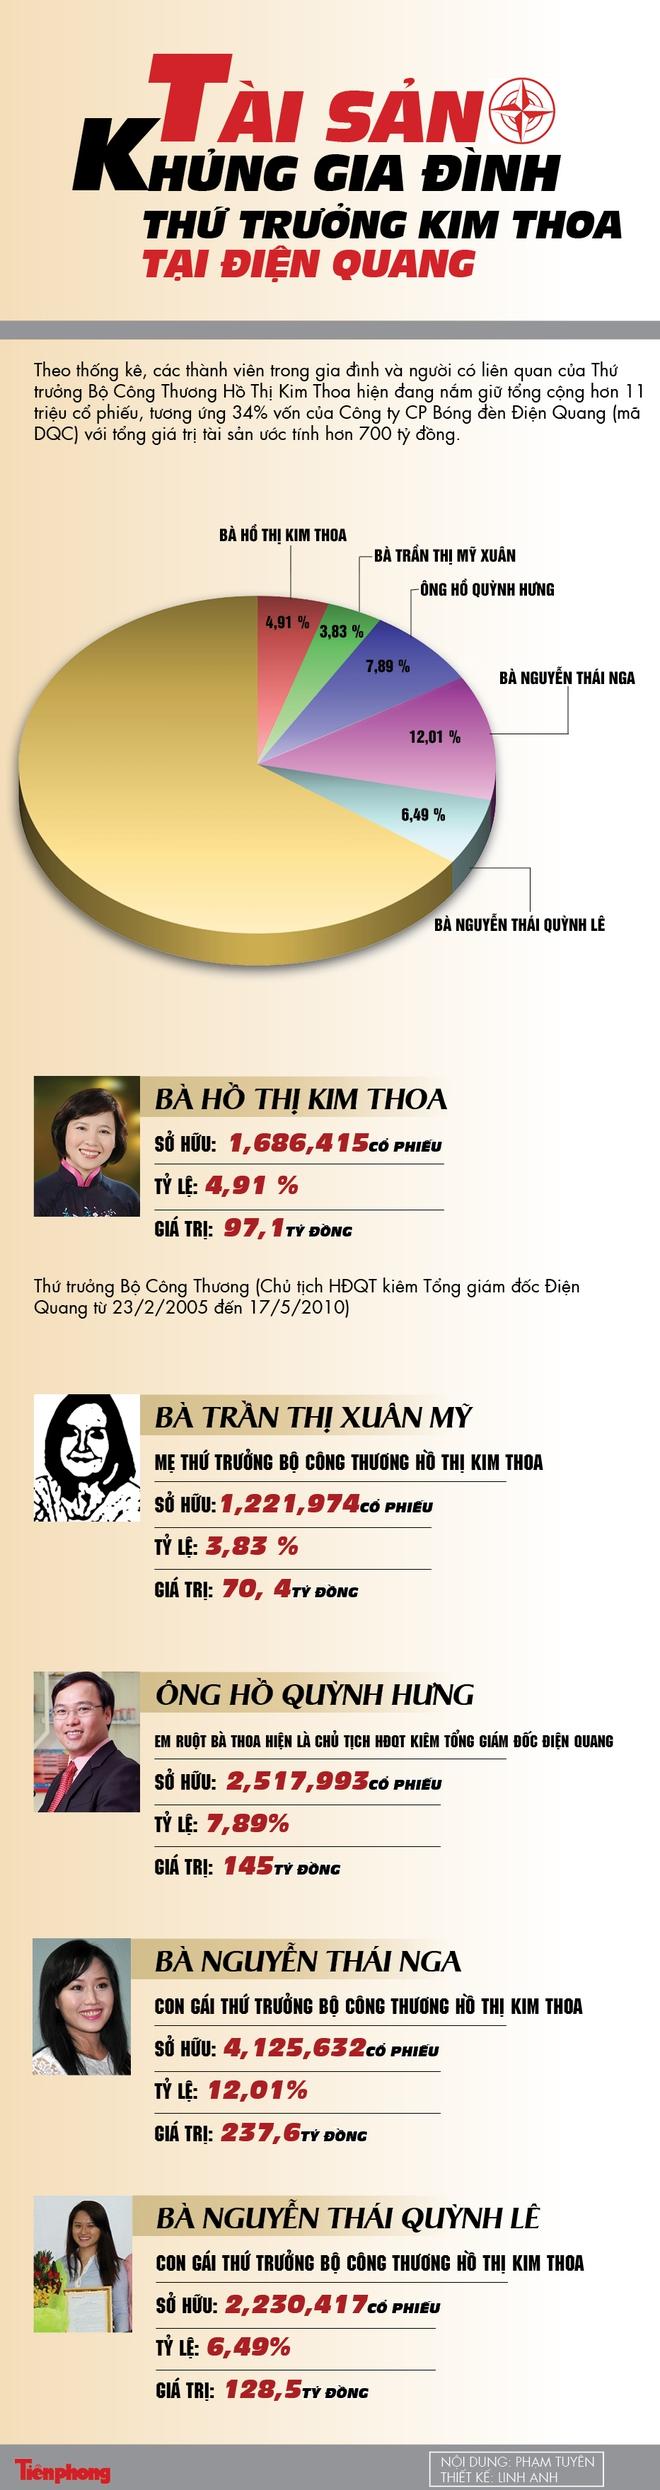 Tài sản khủng gia đình Thứ trưởng Kim Thoa tại Điện Quang - Ảnh 1.